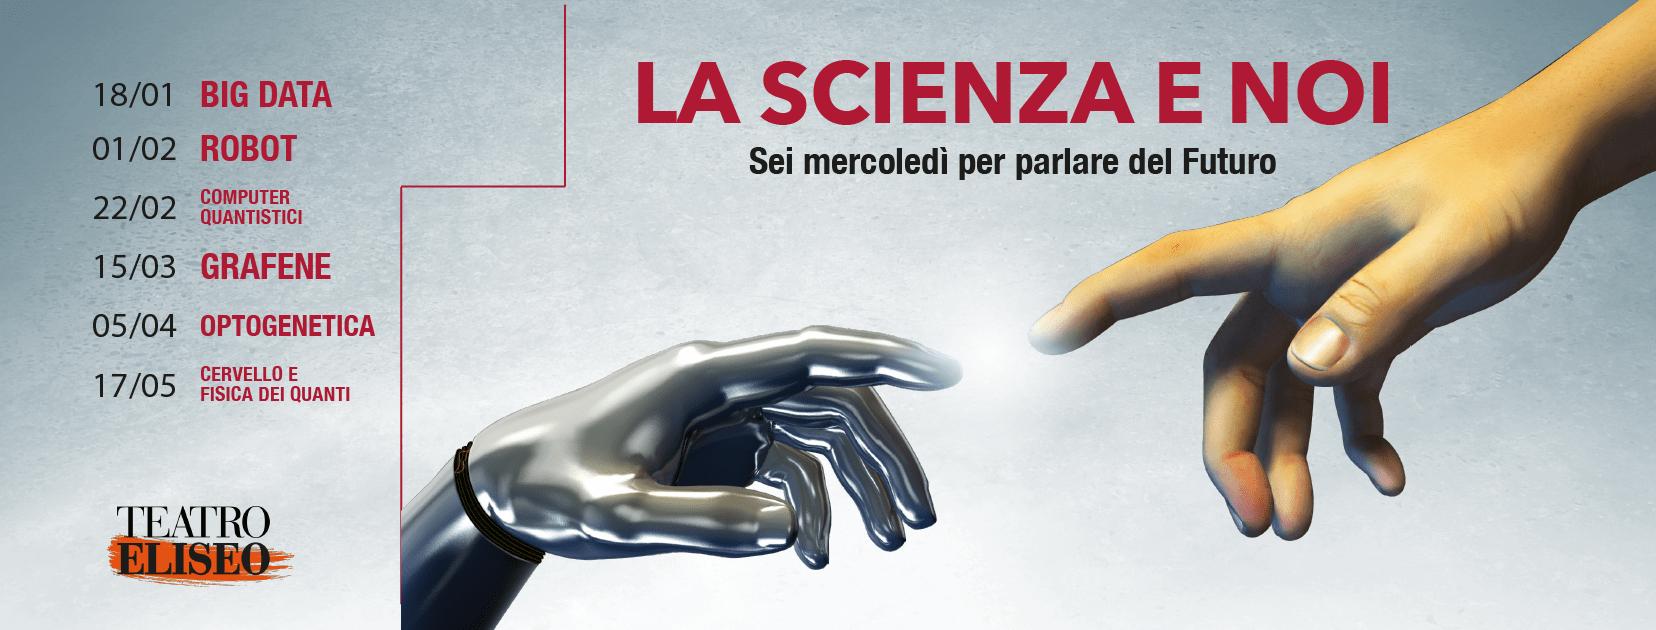 La scienza e noi